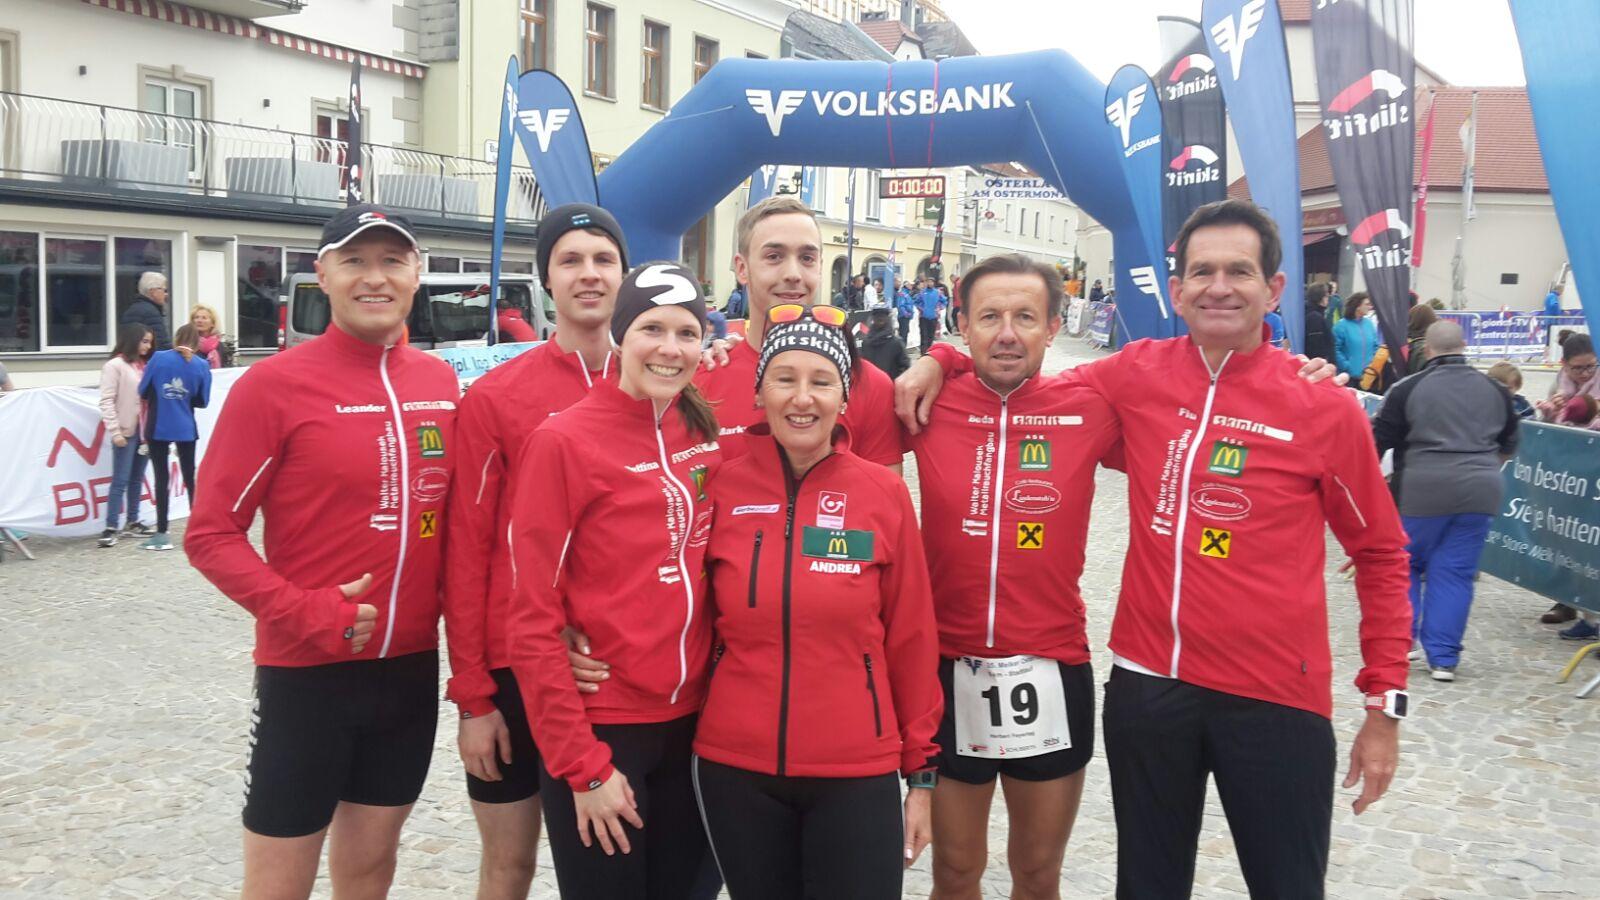 Unser 5-km Team